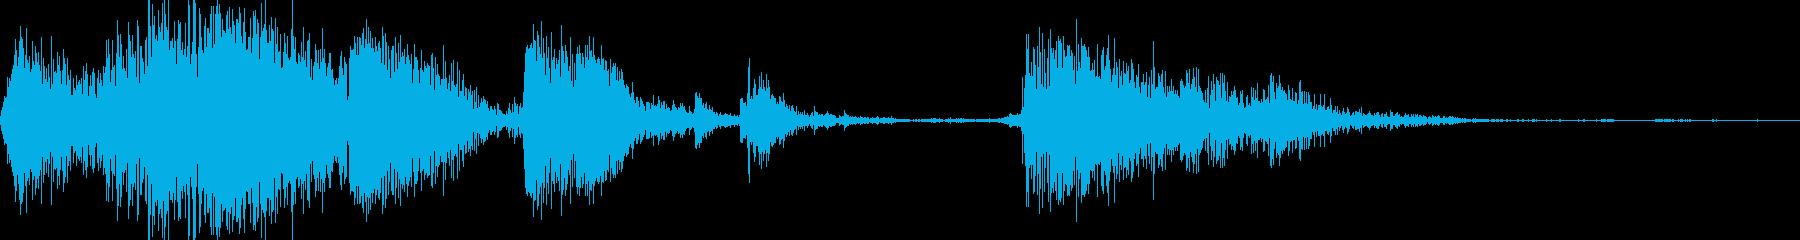 メタルインパクト、クランチ、インパクトの再生済みの波形